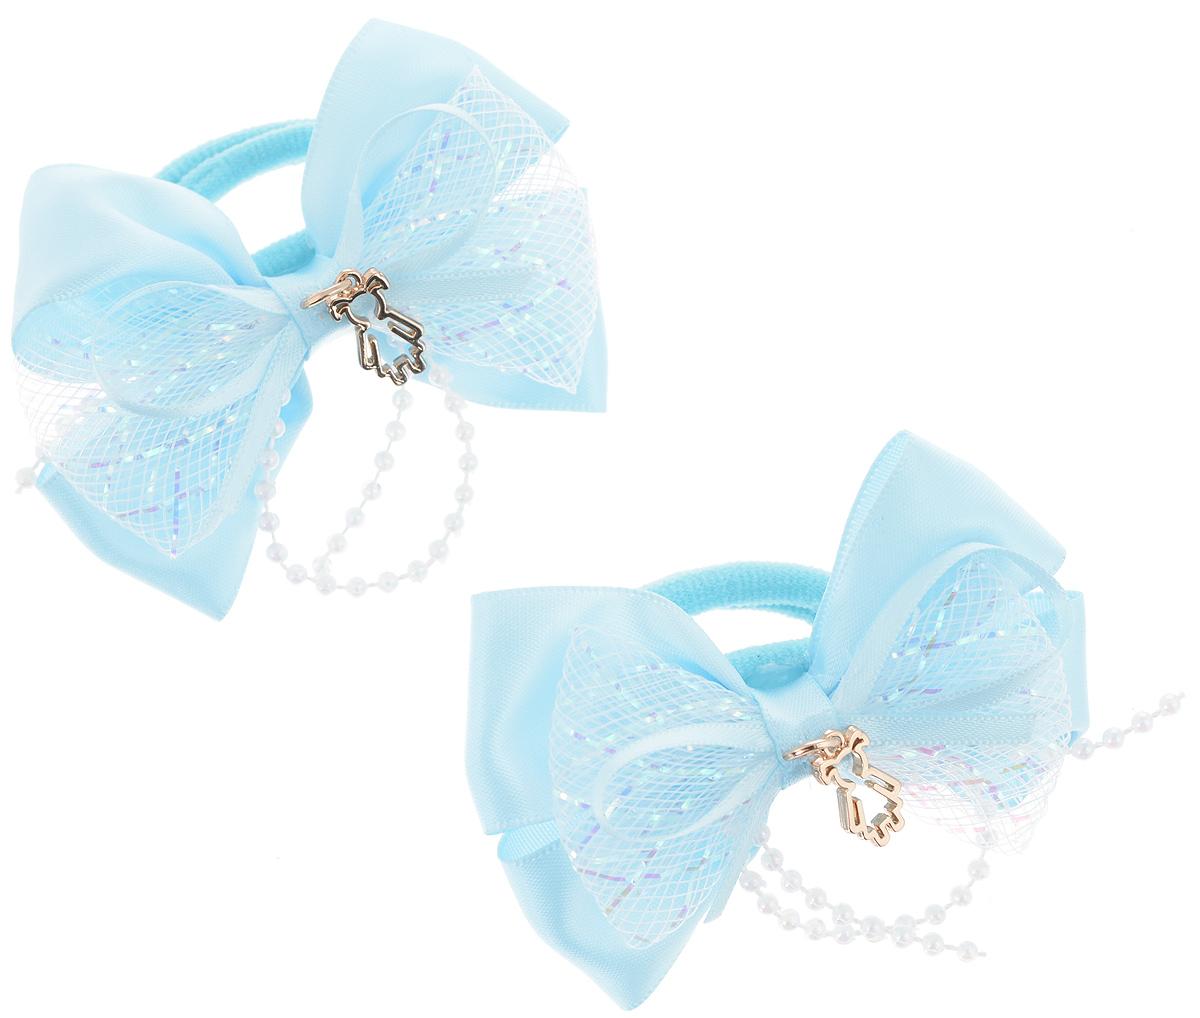 Резинка для волос Babys Joy, цвет: голубой, 2 шт. MN 143/2Серьги с подвескамиРезинка для волос Babys Joy изготовлена из текстиля и дополнена милым бантиком, который оформлен бусинками и подвеской в форме девочки.Комплект содержит две резинки.Резинка для волос Babys Joy надежно зафиксирует волосы и подчеркнет красоту прически вашей маленькой принцессы.